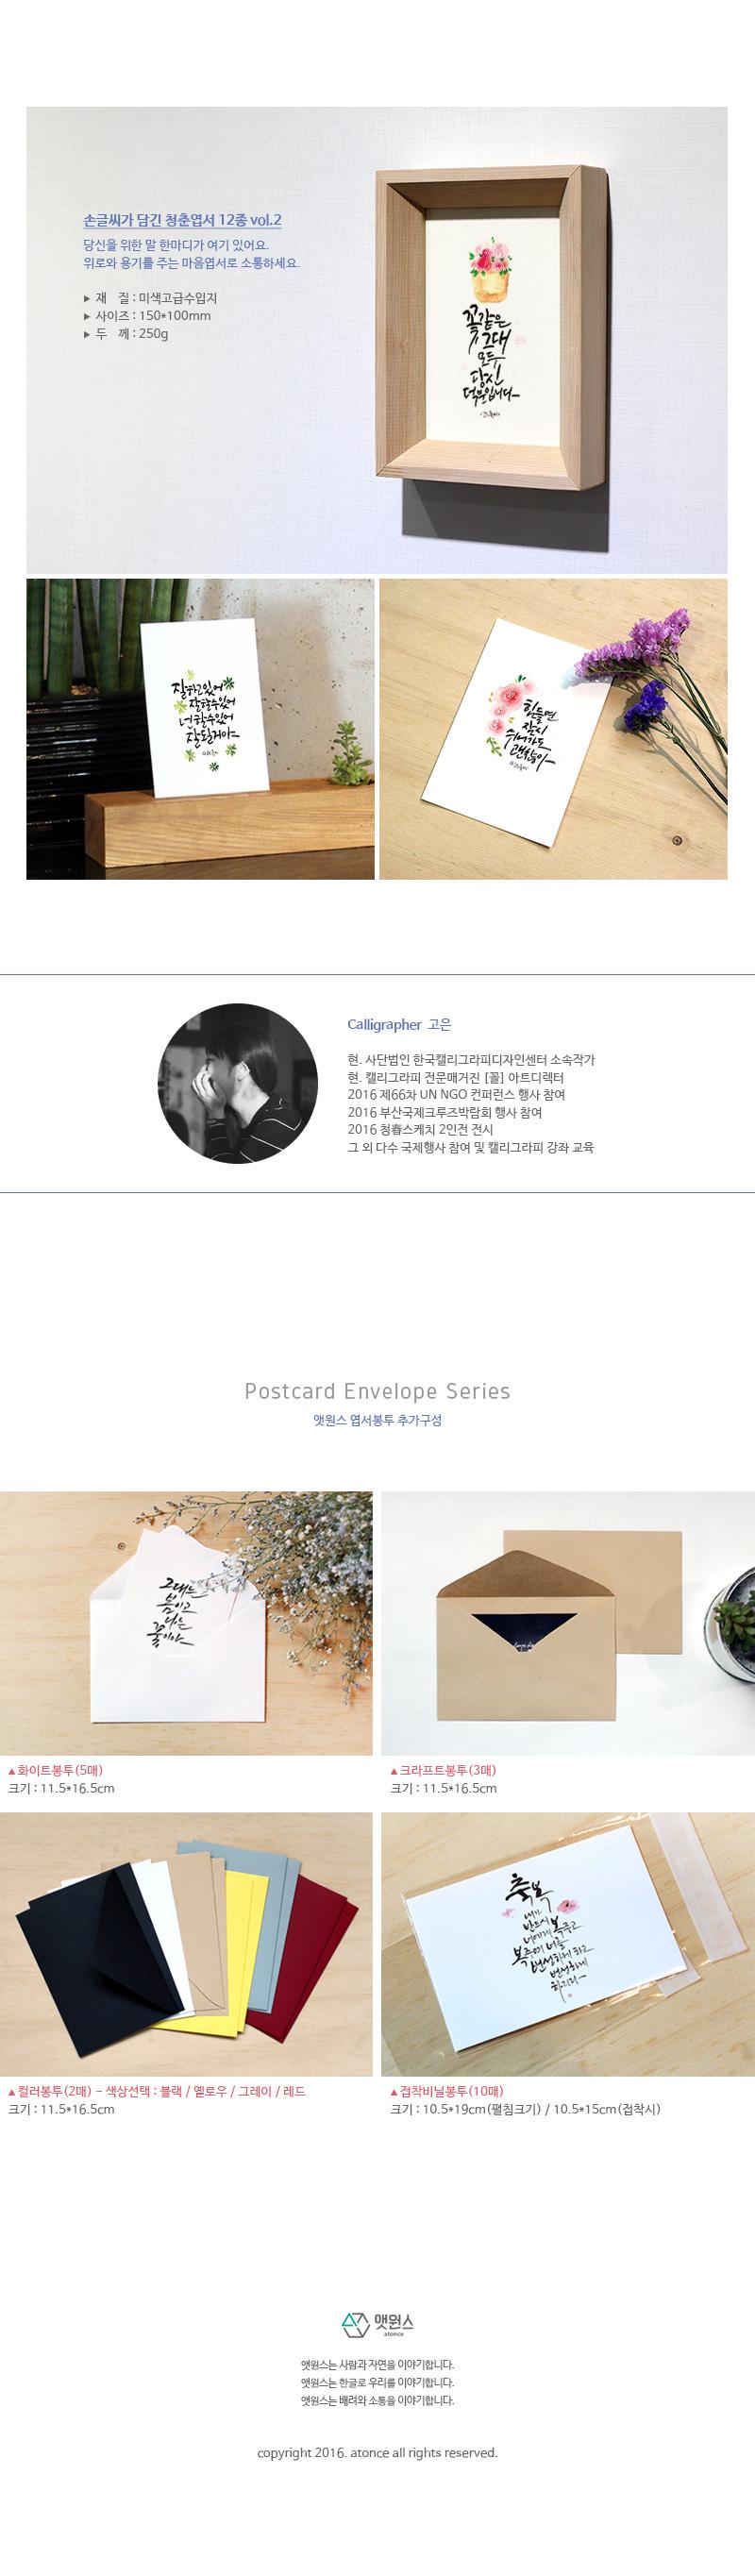 앳원스-캘리그라피 청춘엽서 vol-2(12종) - 앳원스, 500원, 엽서, 심플